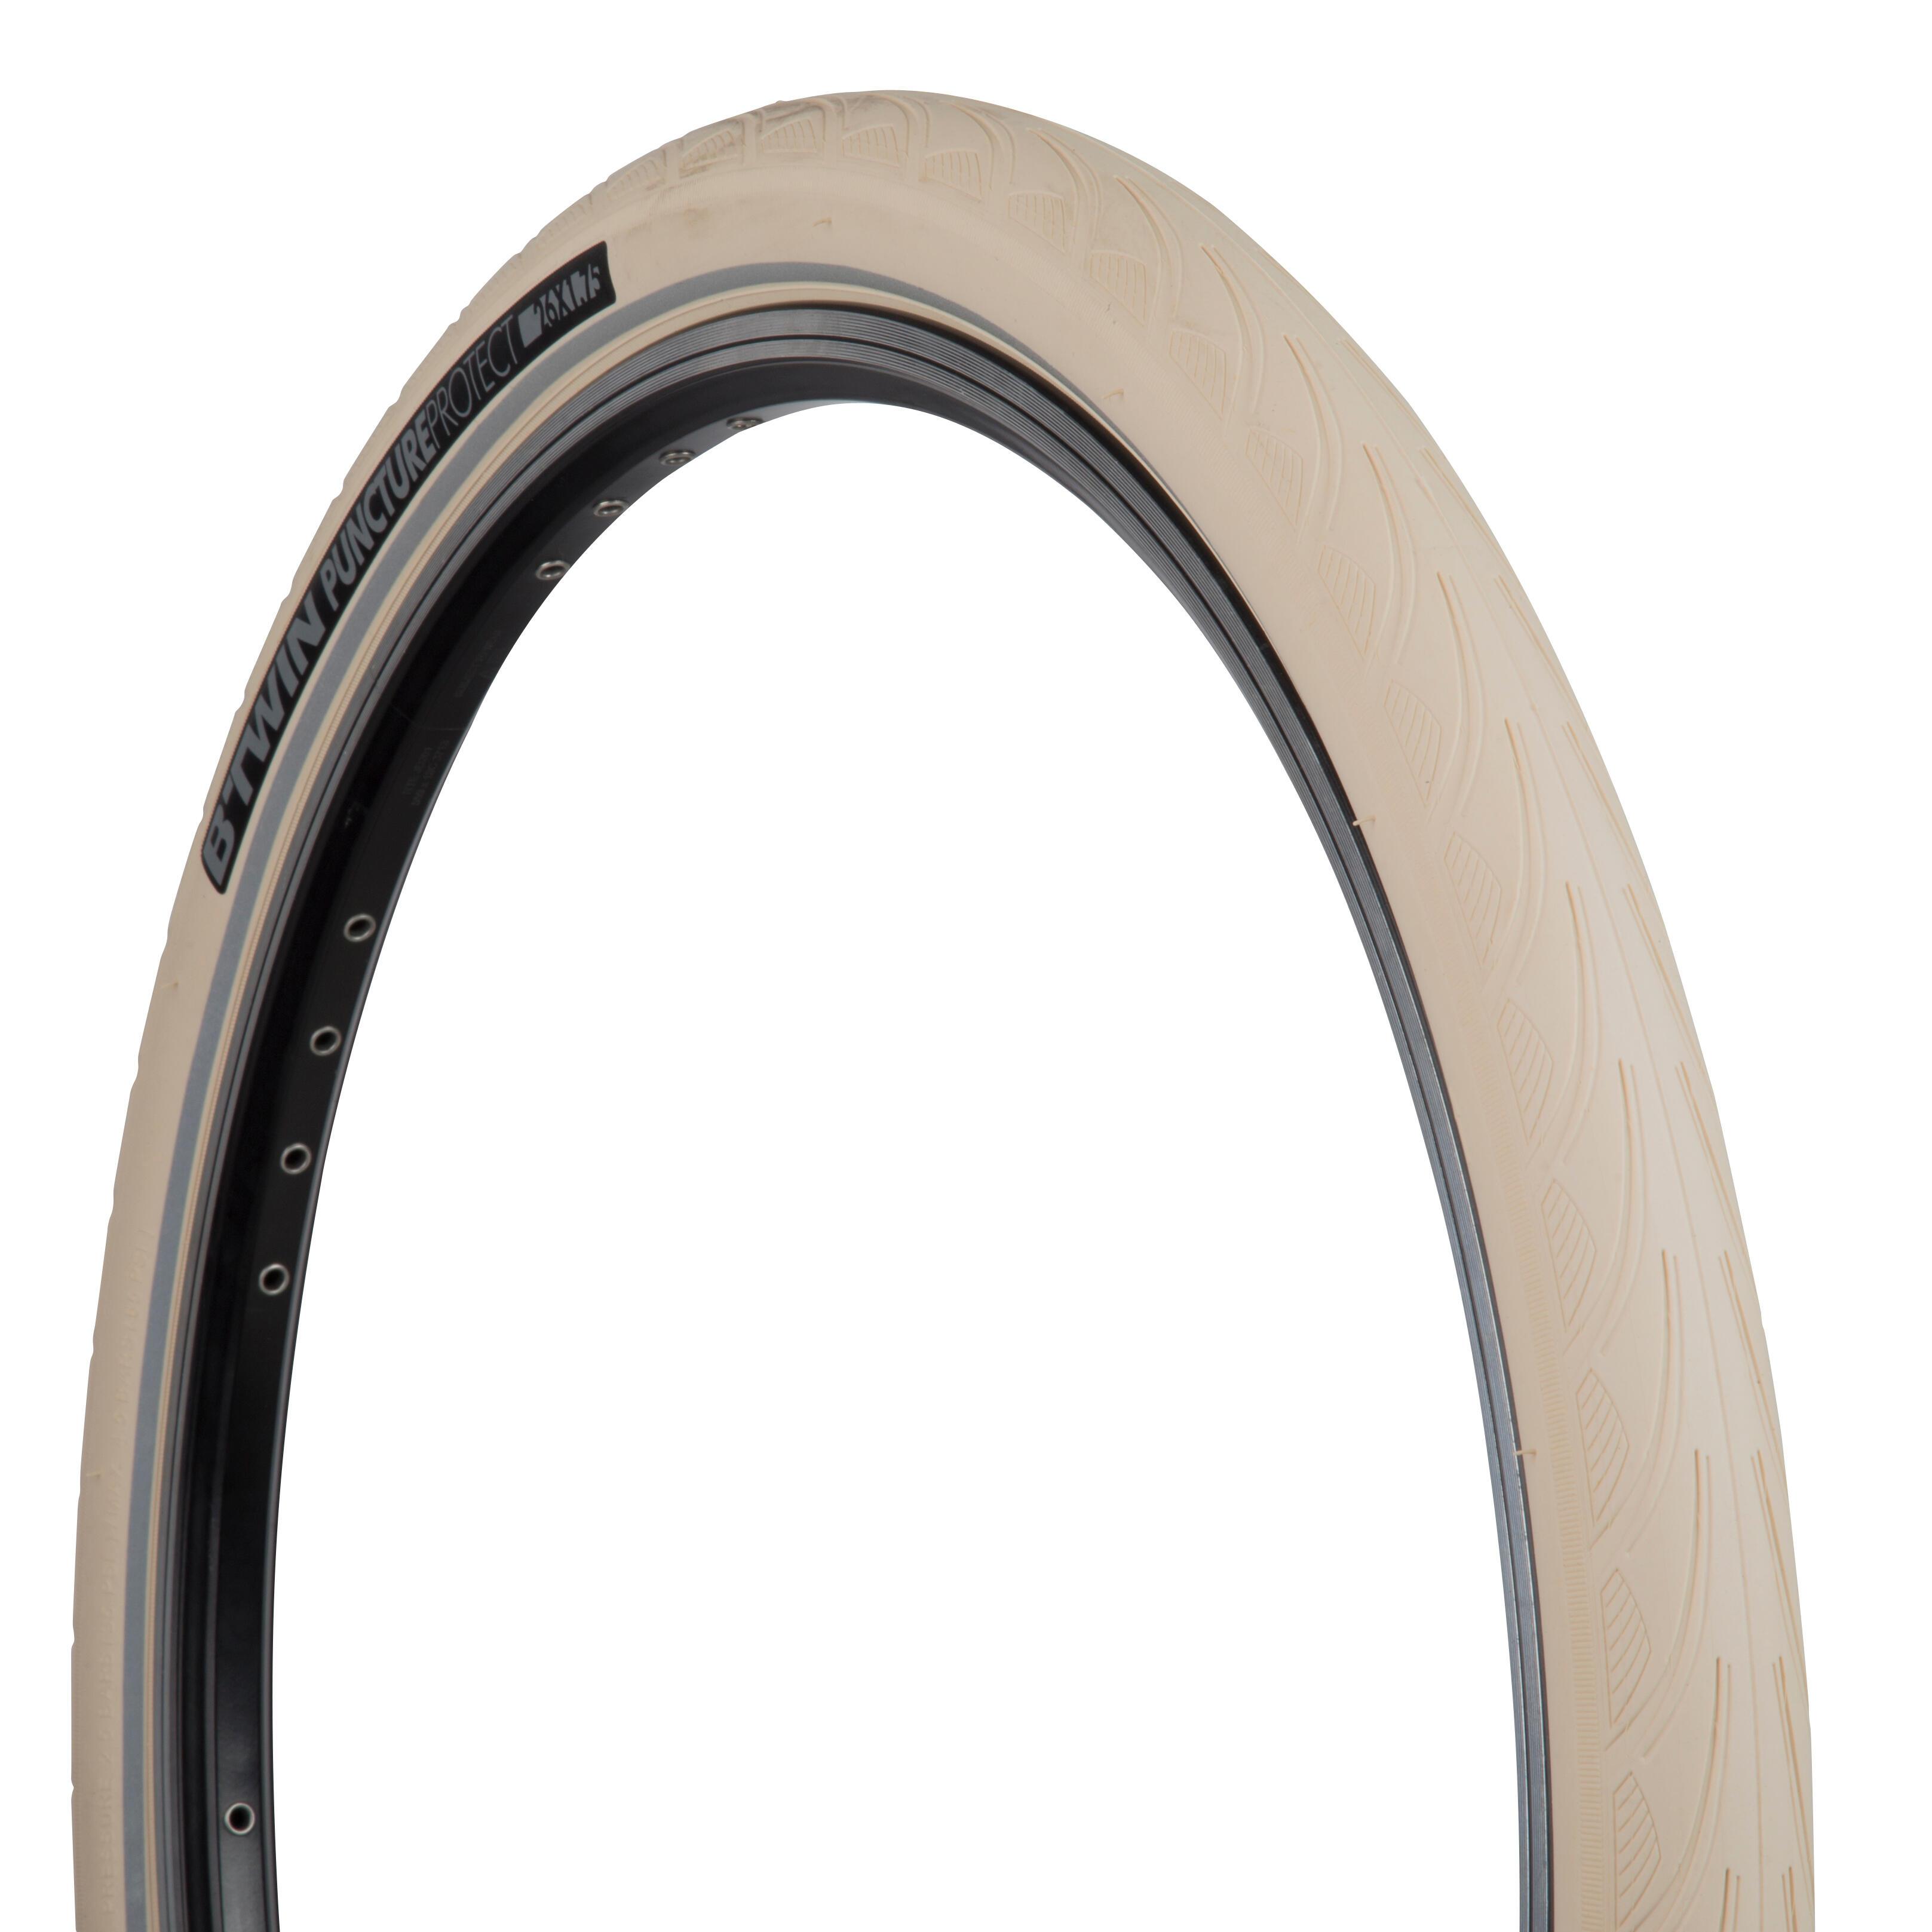 Tyre Urban Classic Line 26x1.75 Rigid Beige 305650380 DURO Cover City